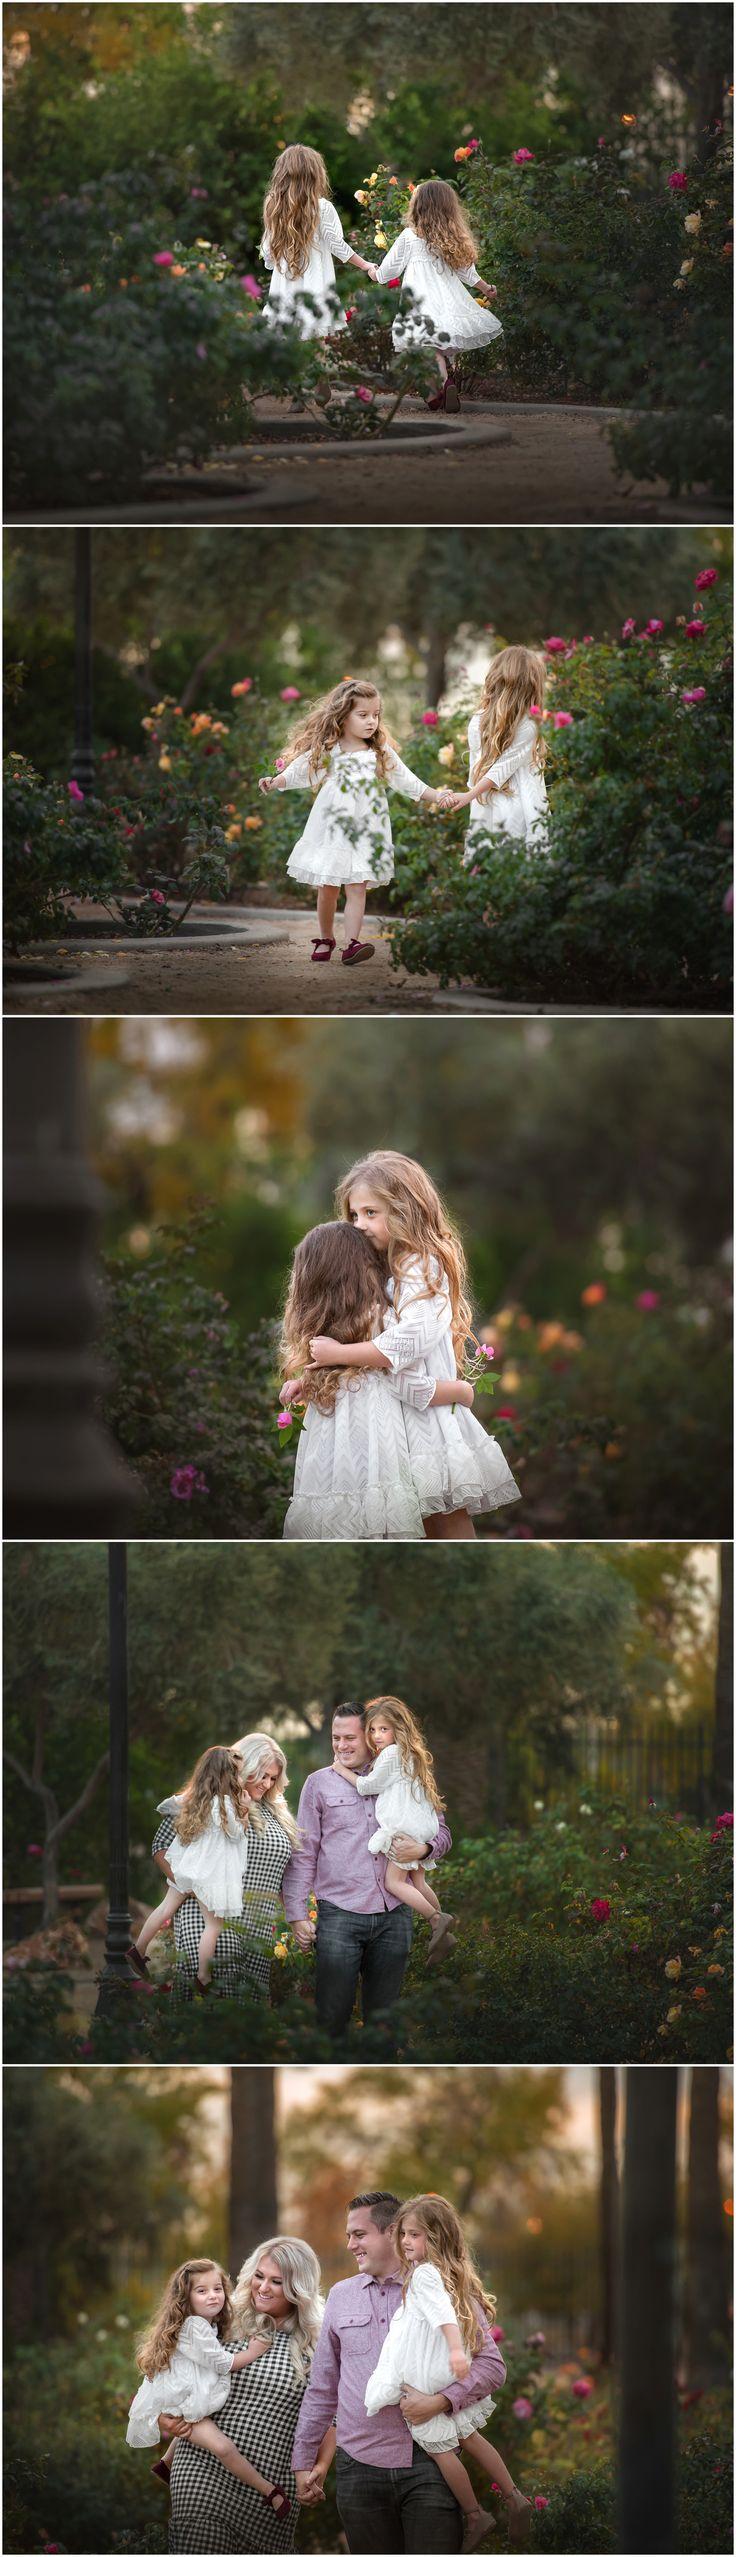 family photoshoot inspiration   sahuaro ranch park   vanessa smith photography   st louis family photographer